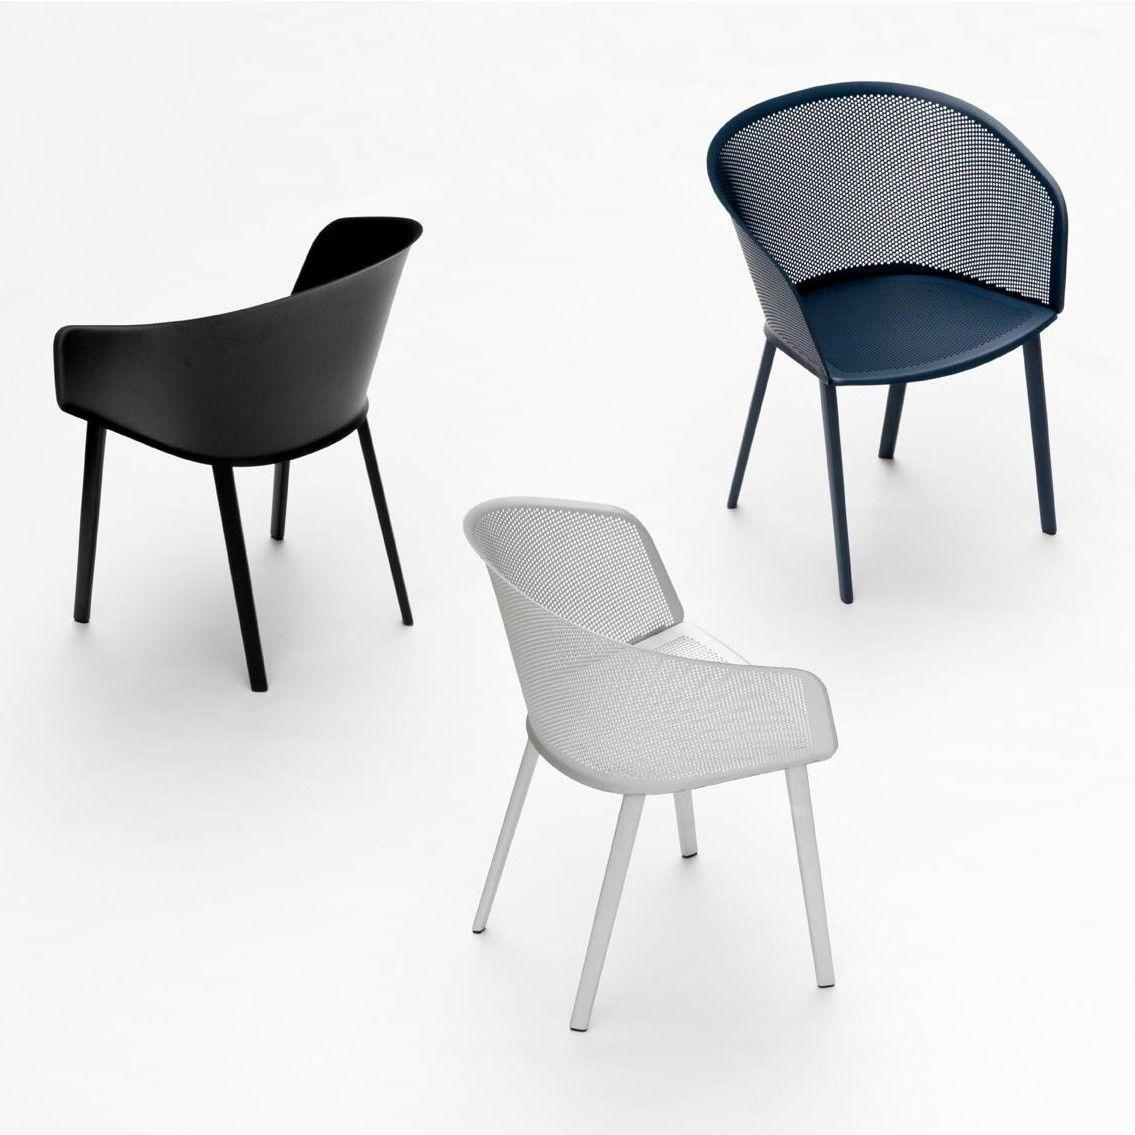 Stampa solid silla con reposabrazos kettal - Sillas con reposabrazos ...